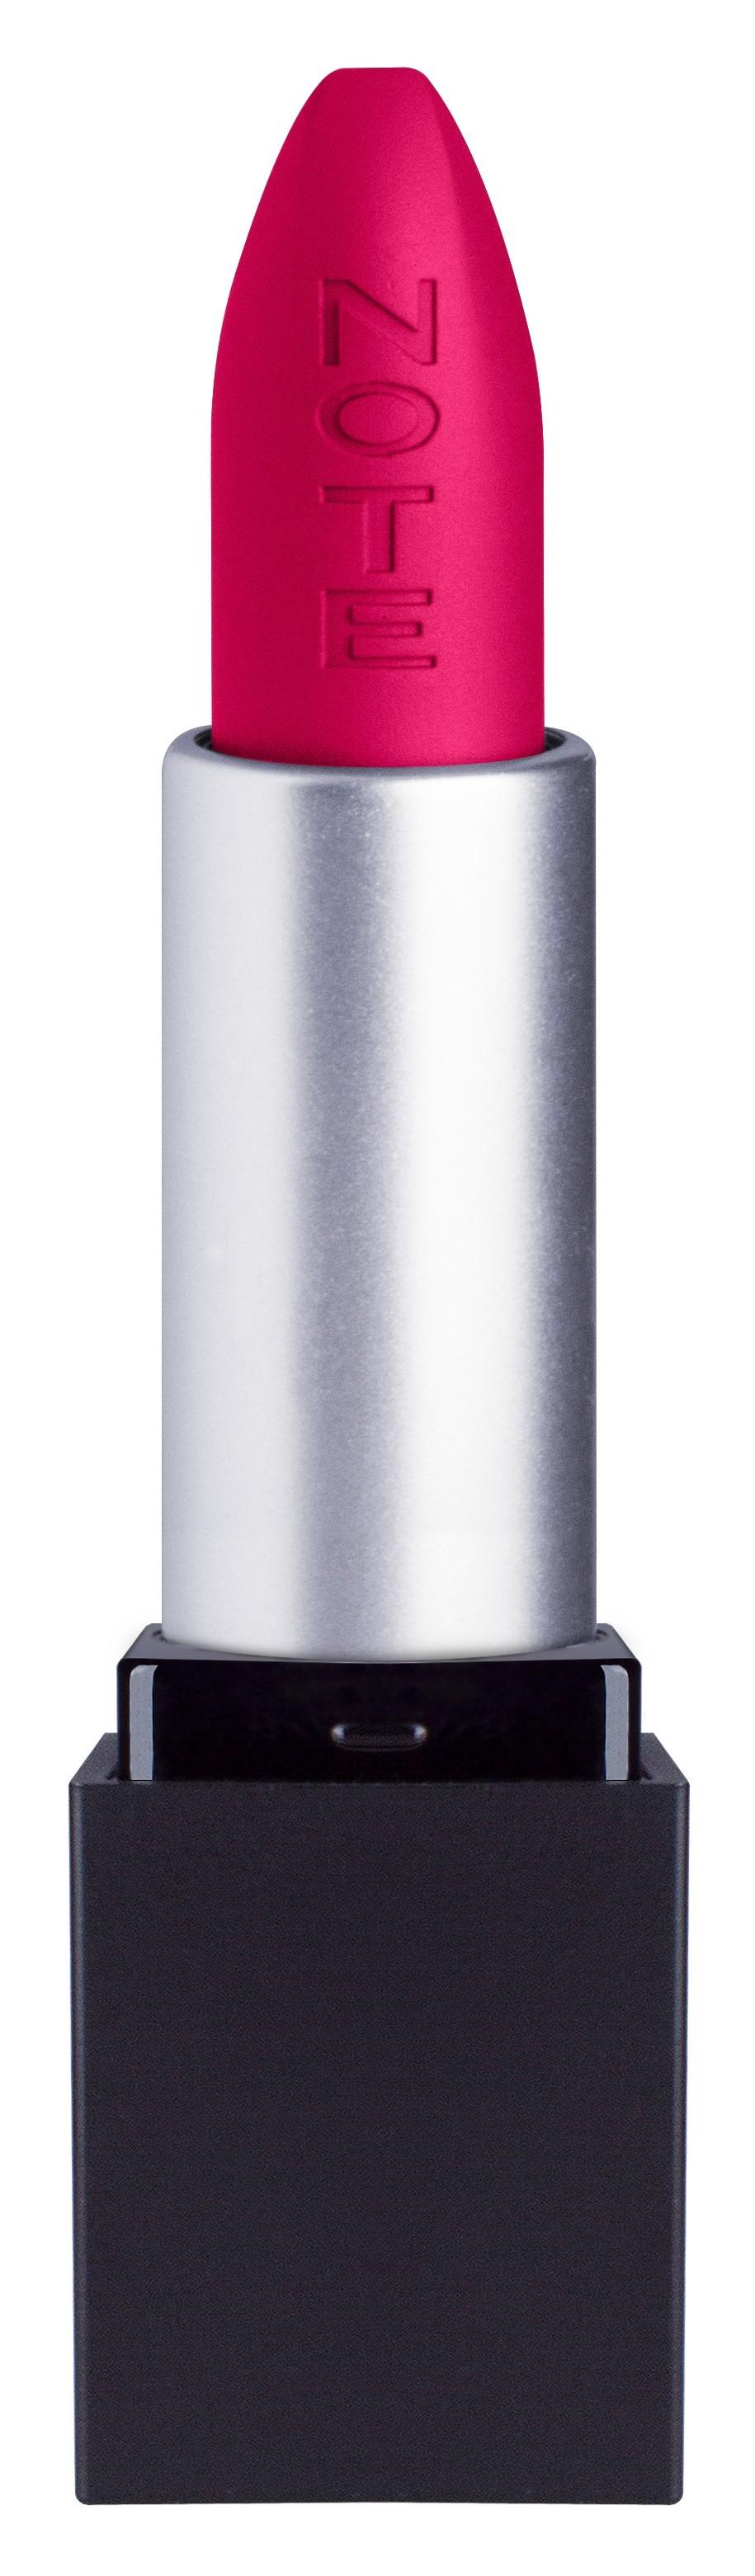 Купить NOTE Cosmetics Помада стойкая матовая для губ 15 / MATTEVER LIPSTICK 4, 5 г